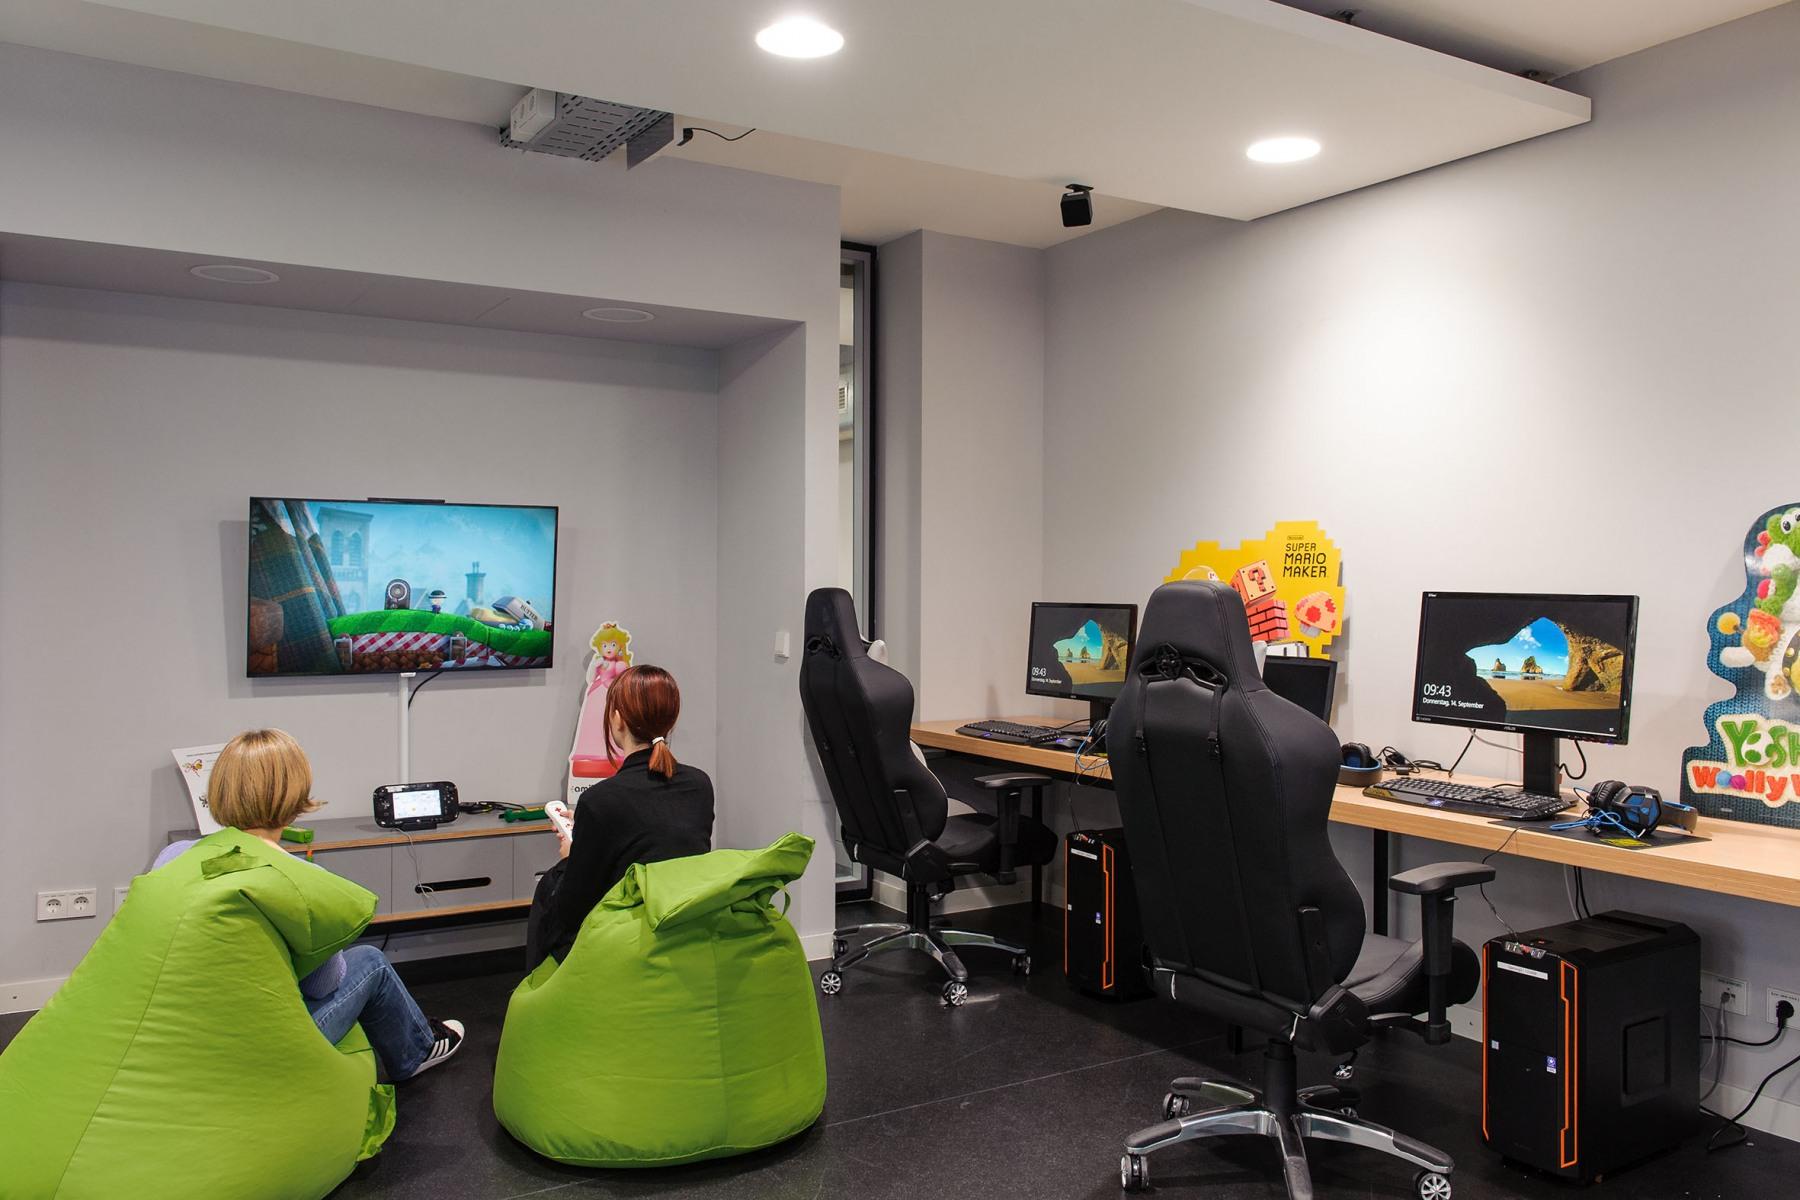 Der Gaming-Raum mit PCs und Konsolen